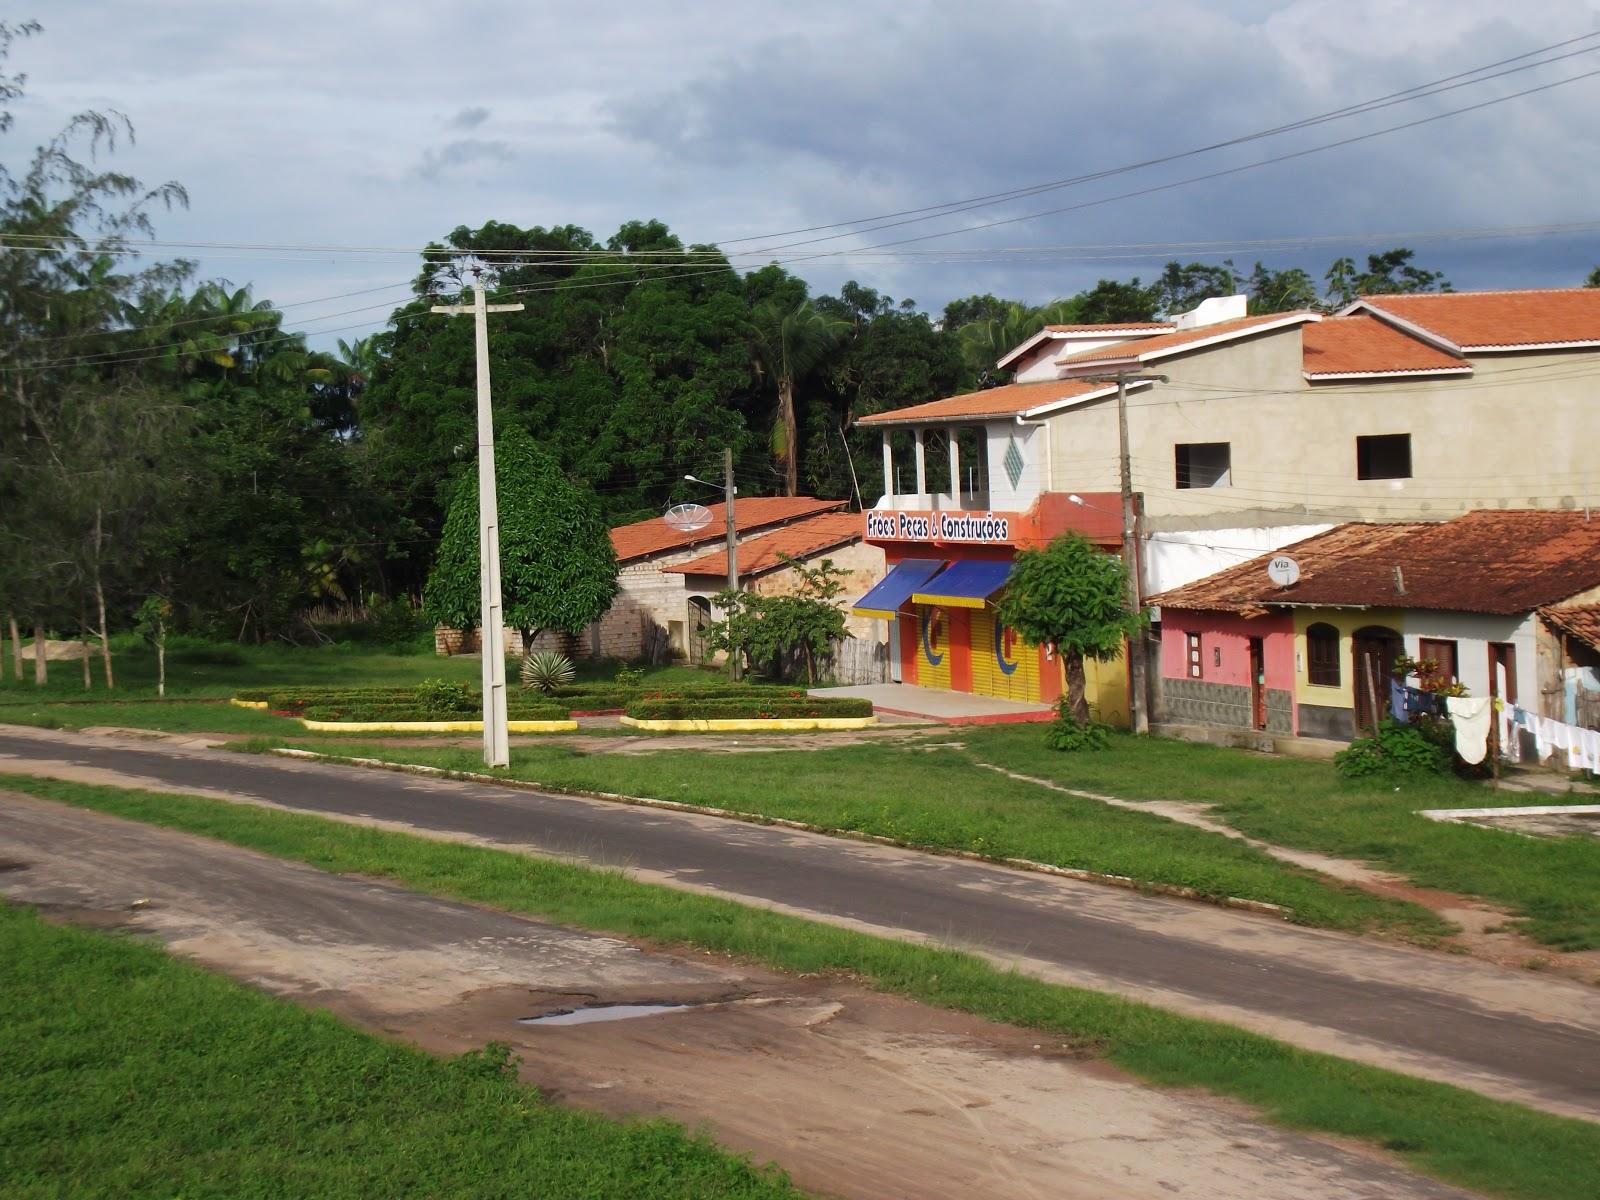 Justiça bloqueia contas do município de Serrano do Maranhão a pedido do MP